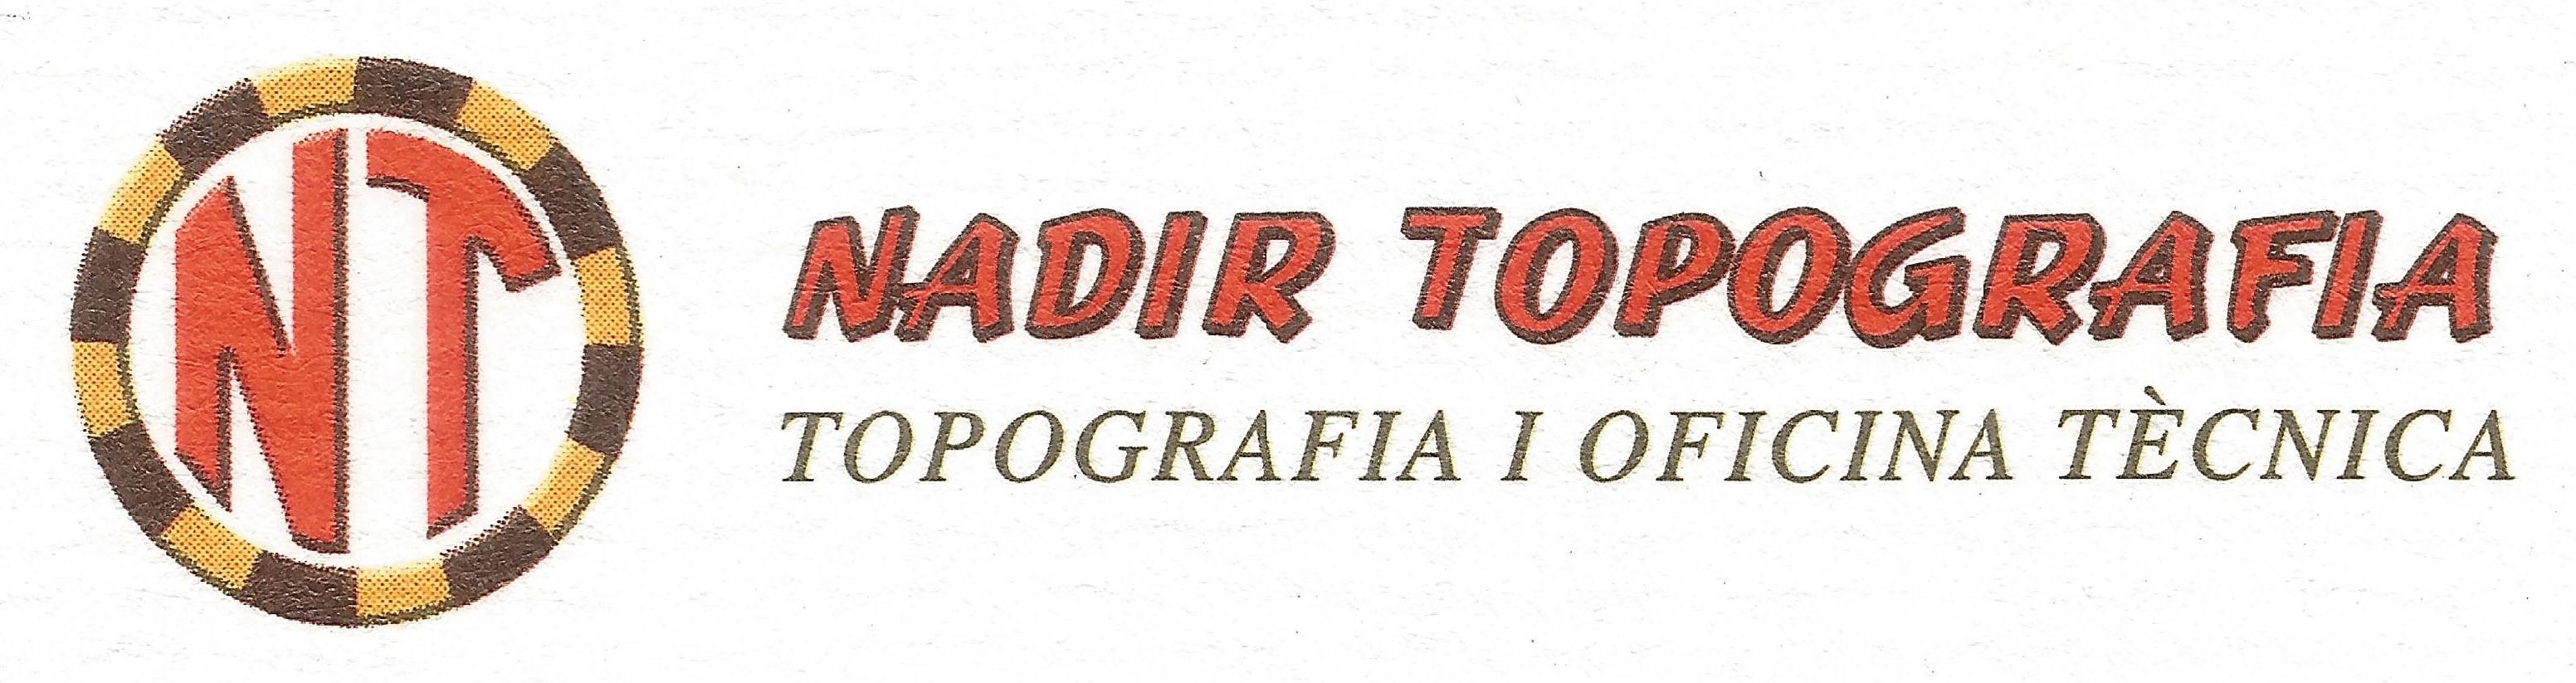 Nadir Topografia